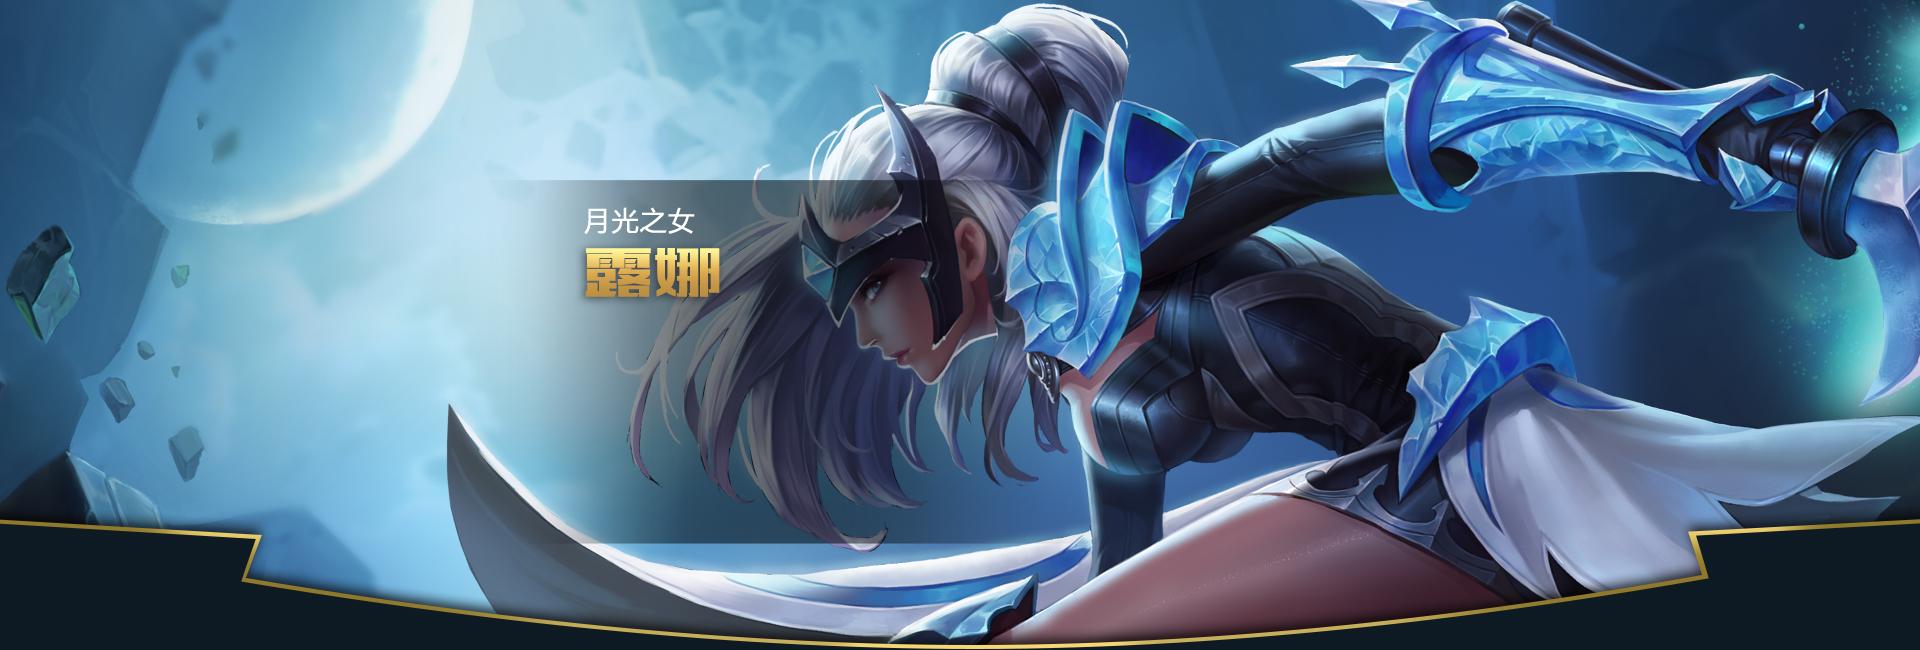 第2弹《王者荣耀英雄皮肤CG》竞技游戏143